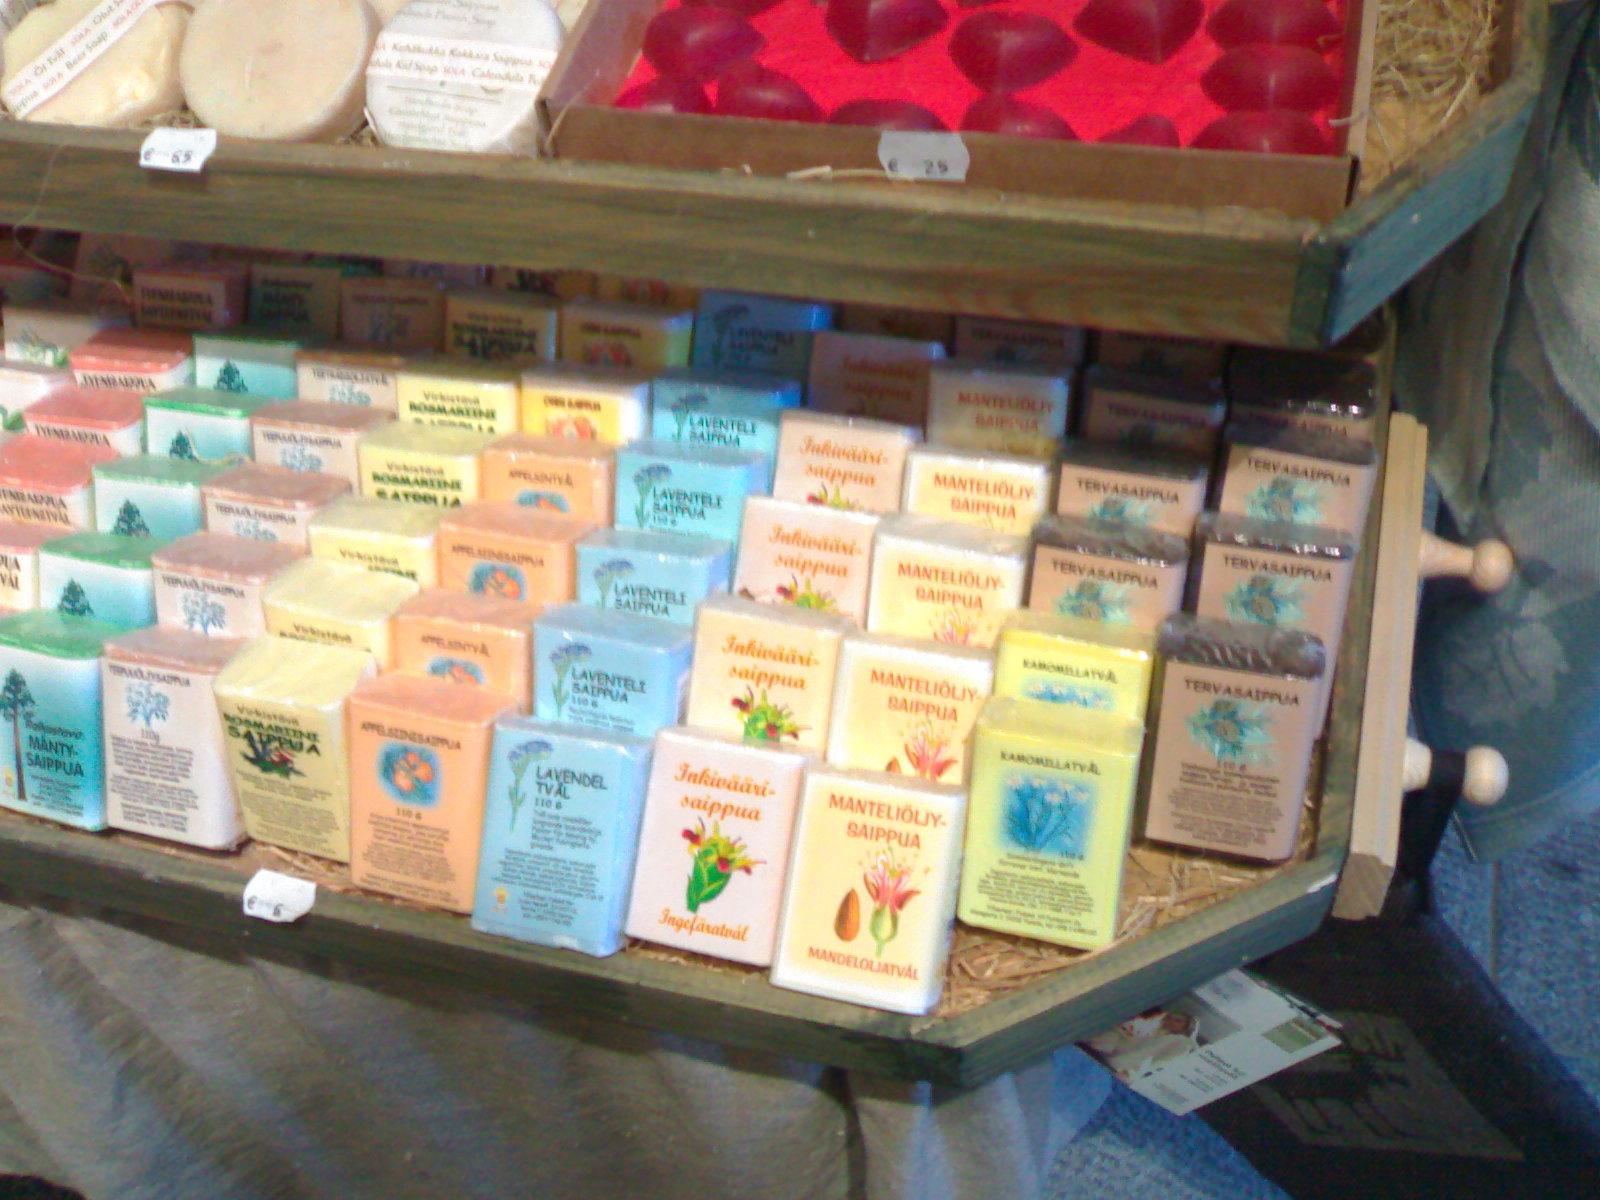 Jabones en una tienda de productos para sauna en helsinki - Productos para sauna ...